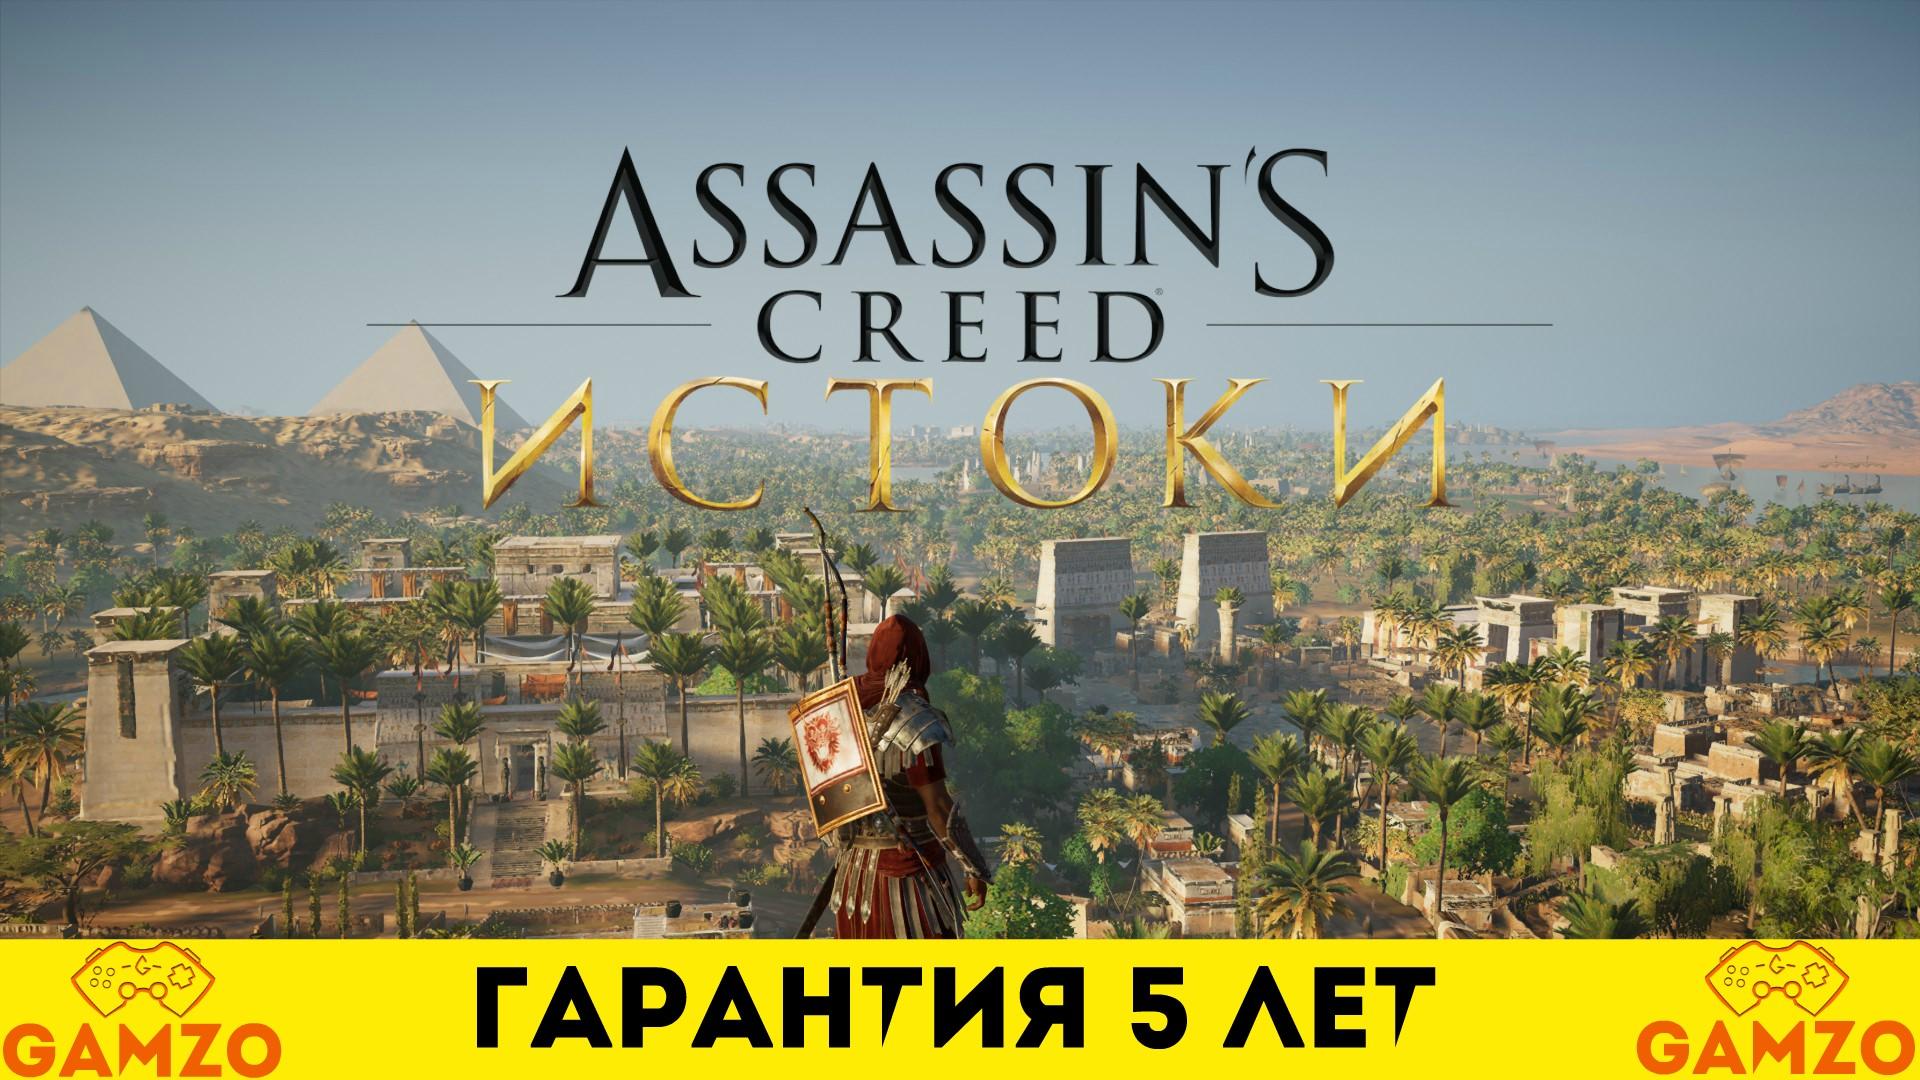 Assassins Creed Origins [Гарантия 5 лет] + Подарок